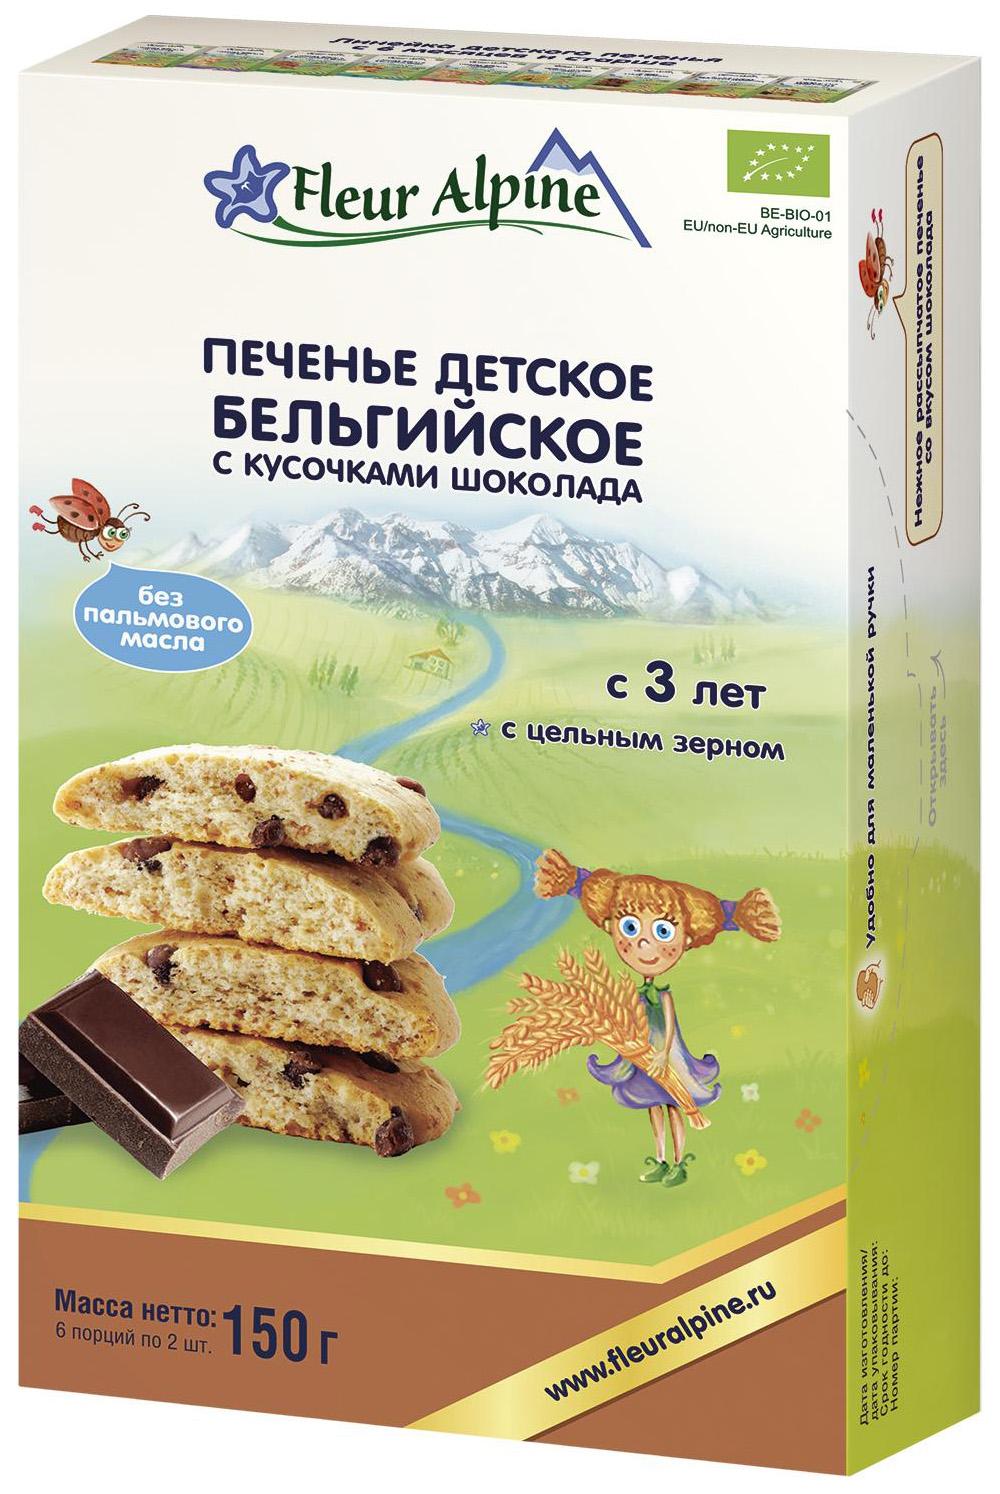 Печенье Fleur Alpine Бельгийское с кусочками шоколада